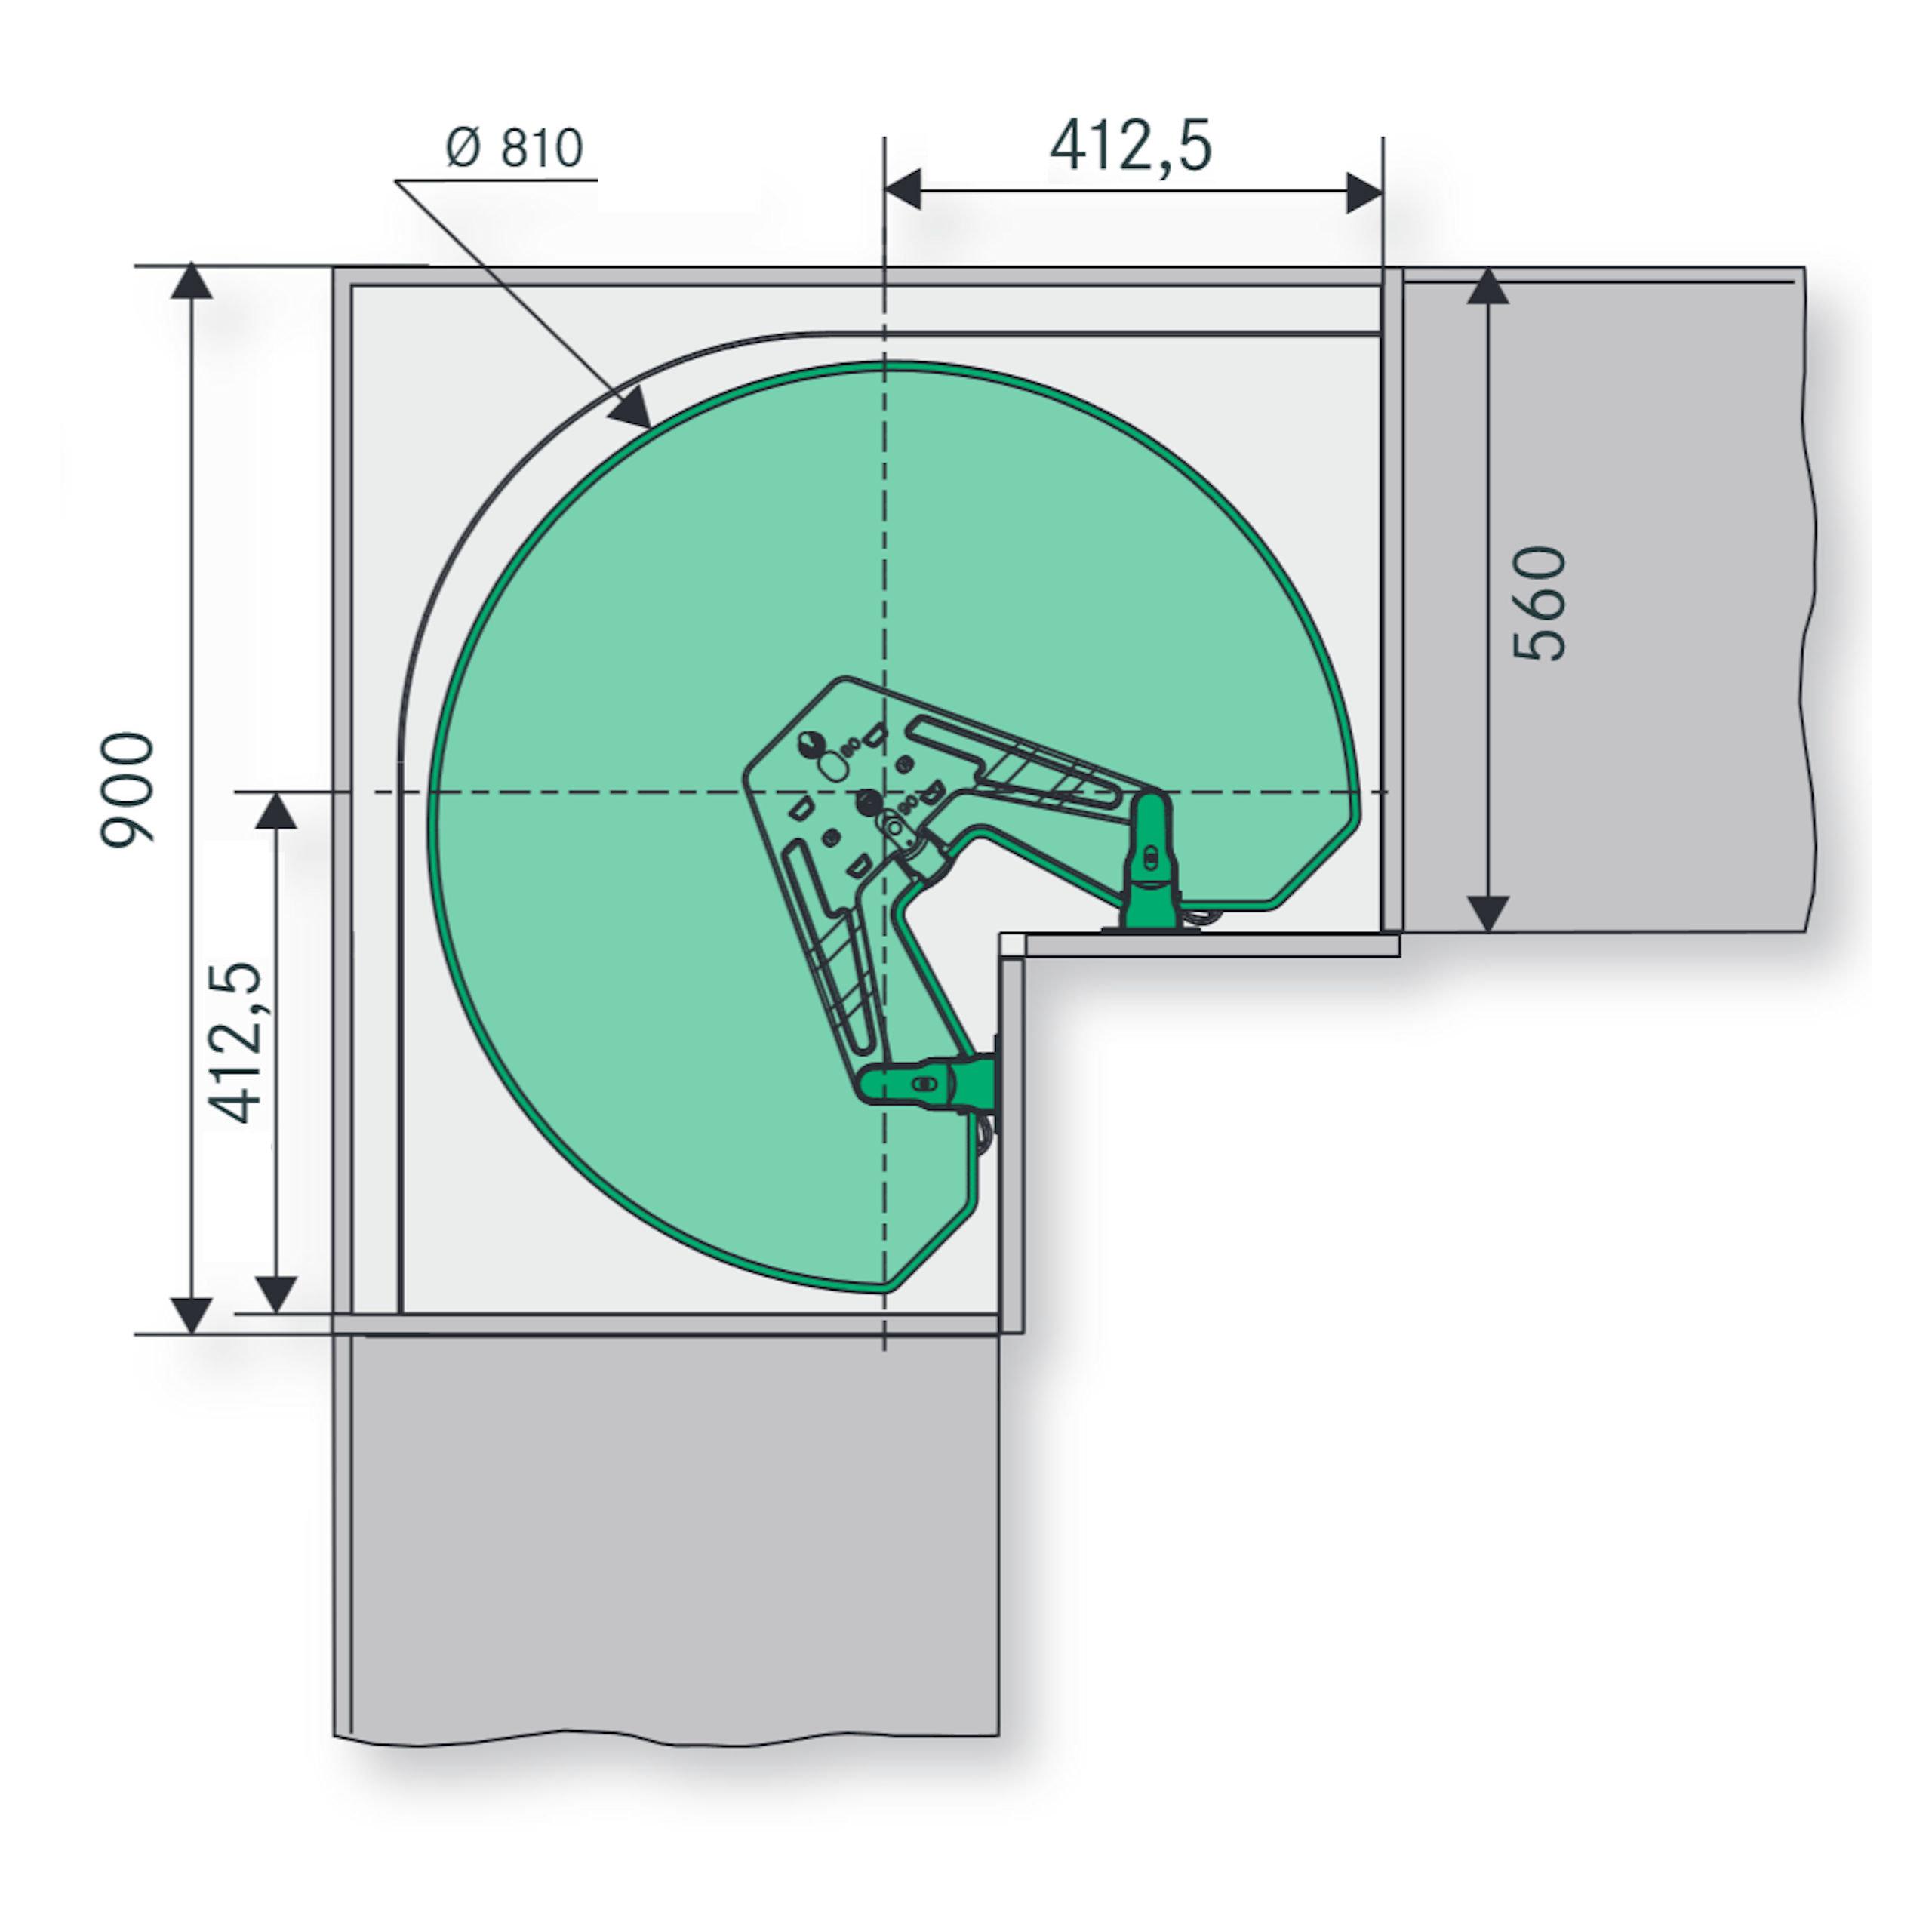 Full Size of Küchenkarussell Kessebhmer Revo 90 Eckschrankbeschlag Fr Eckschrank So Techde Wohnzimmer Küchenkarussell